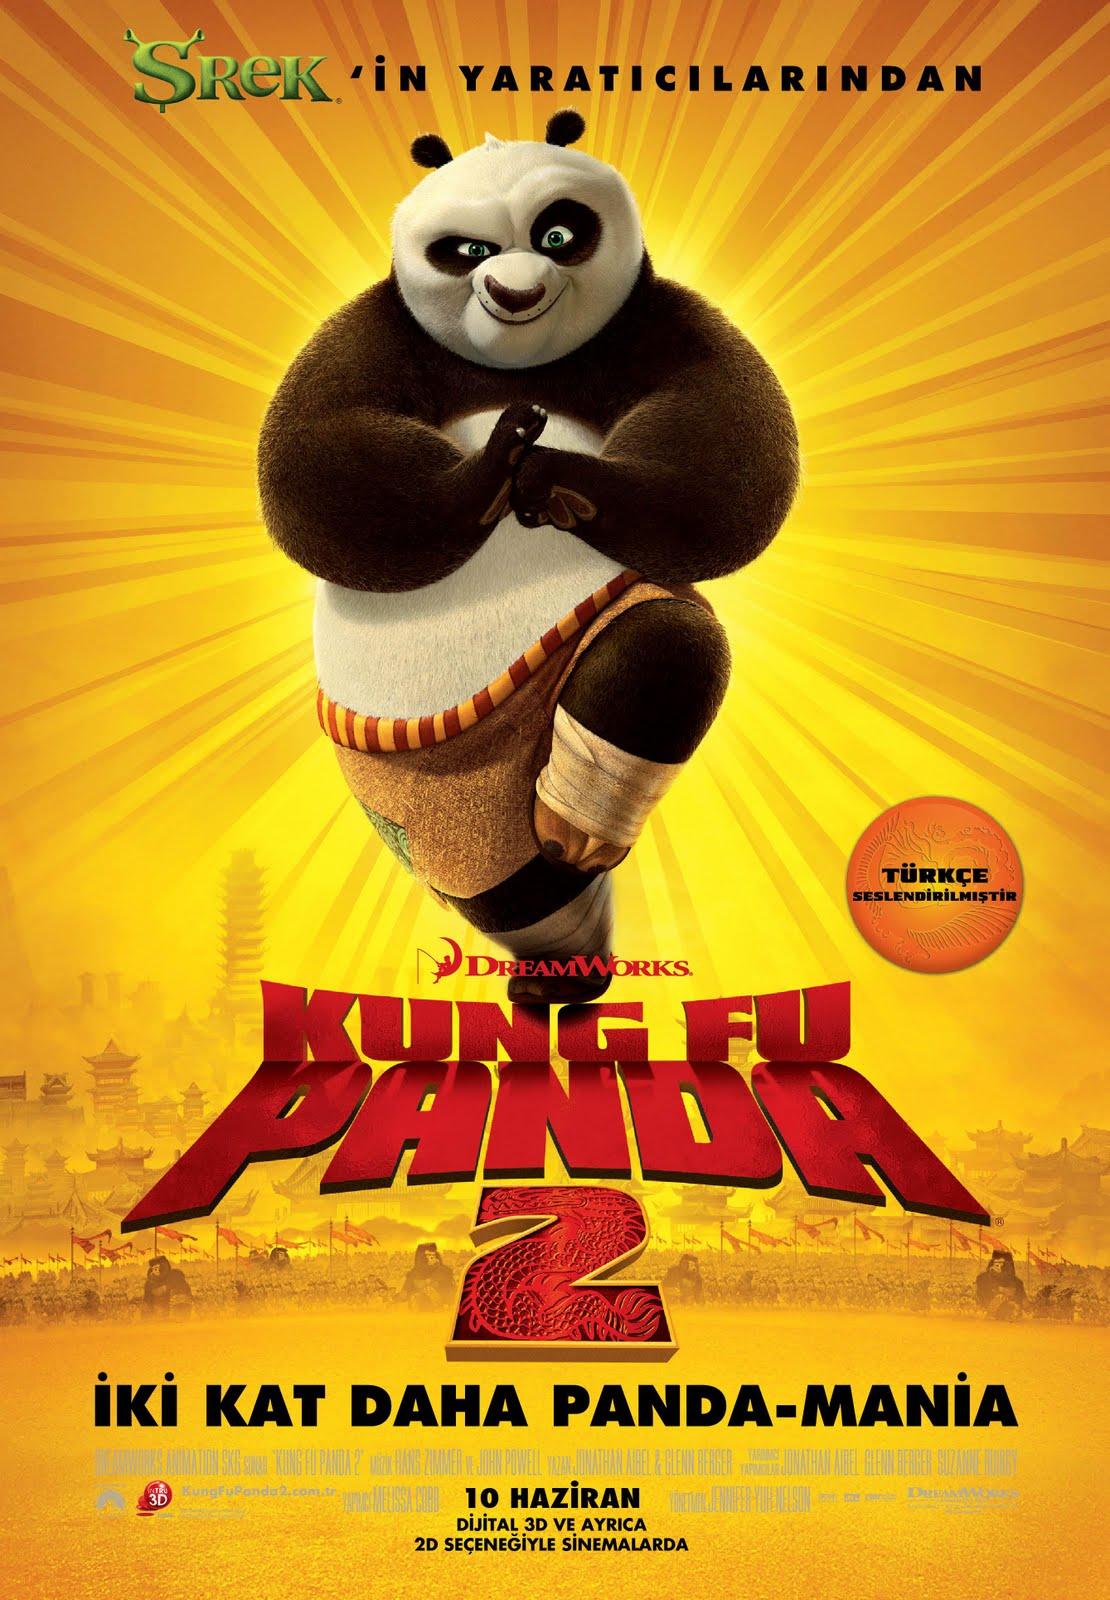 http://2.bp.blogspot.com/-8xn8ci86Dx4/TdgKO6BmrCI/AAAAAAAABr4/PZ3TUWe0Pu4/s1600/Kung-Fu-Panda-2_afis.jpg